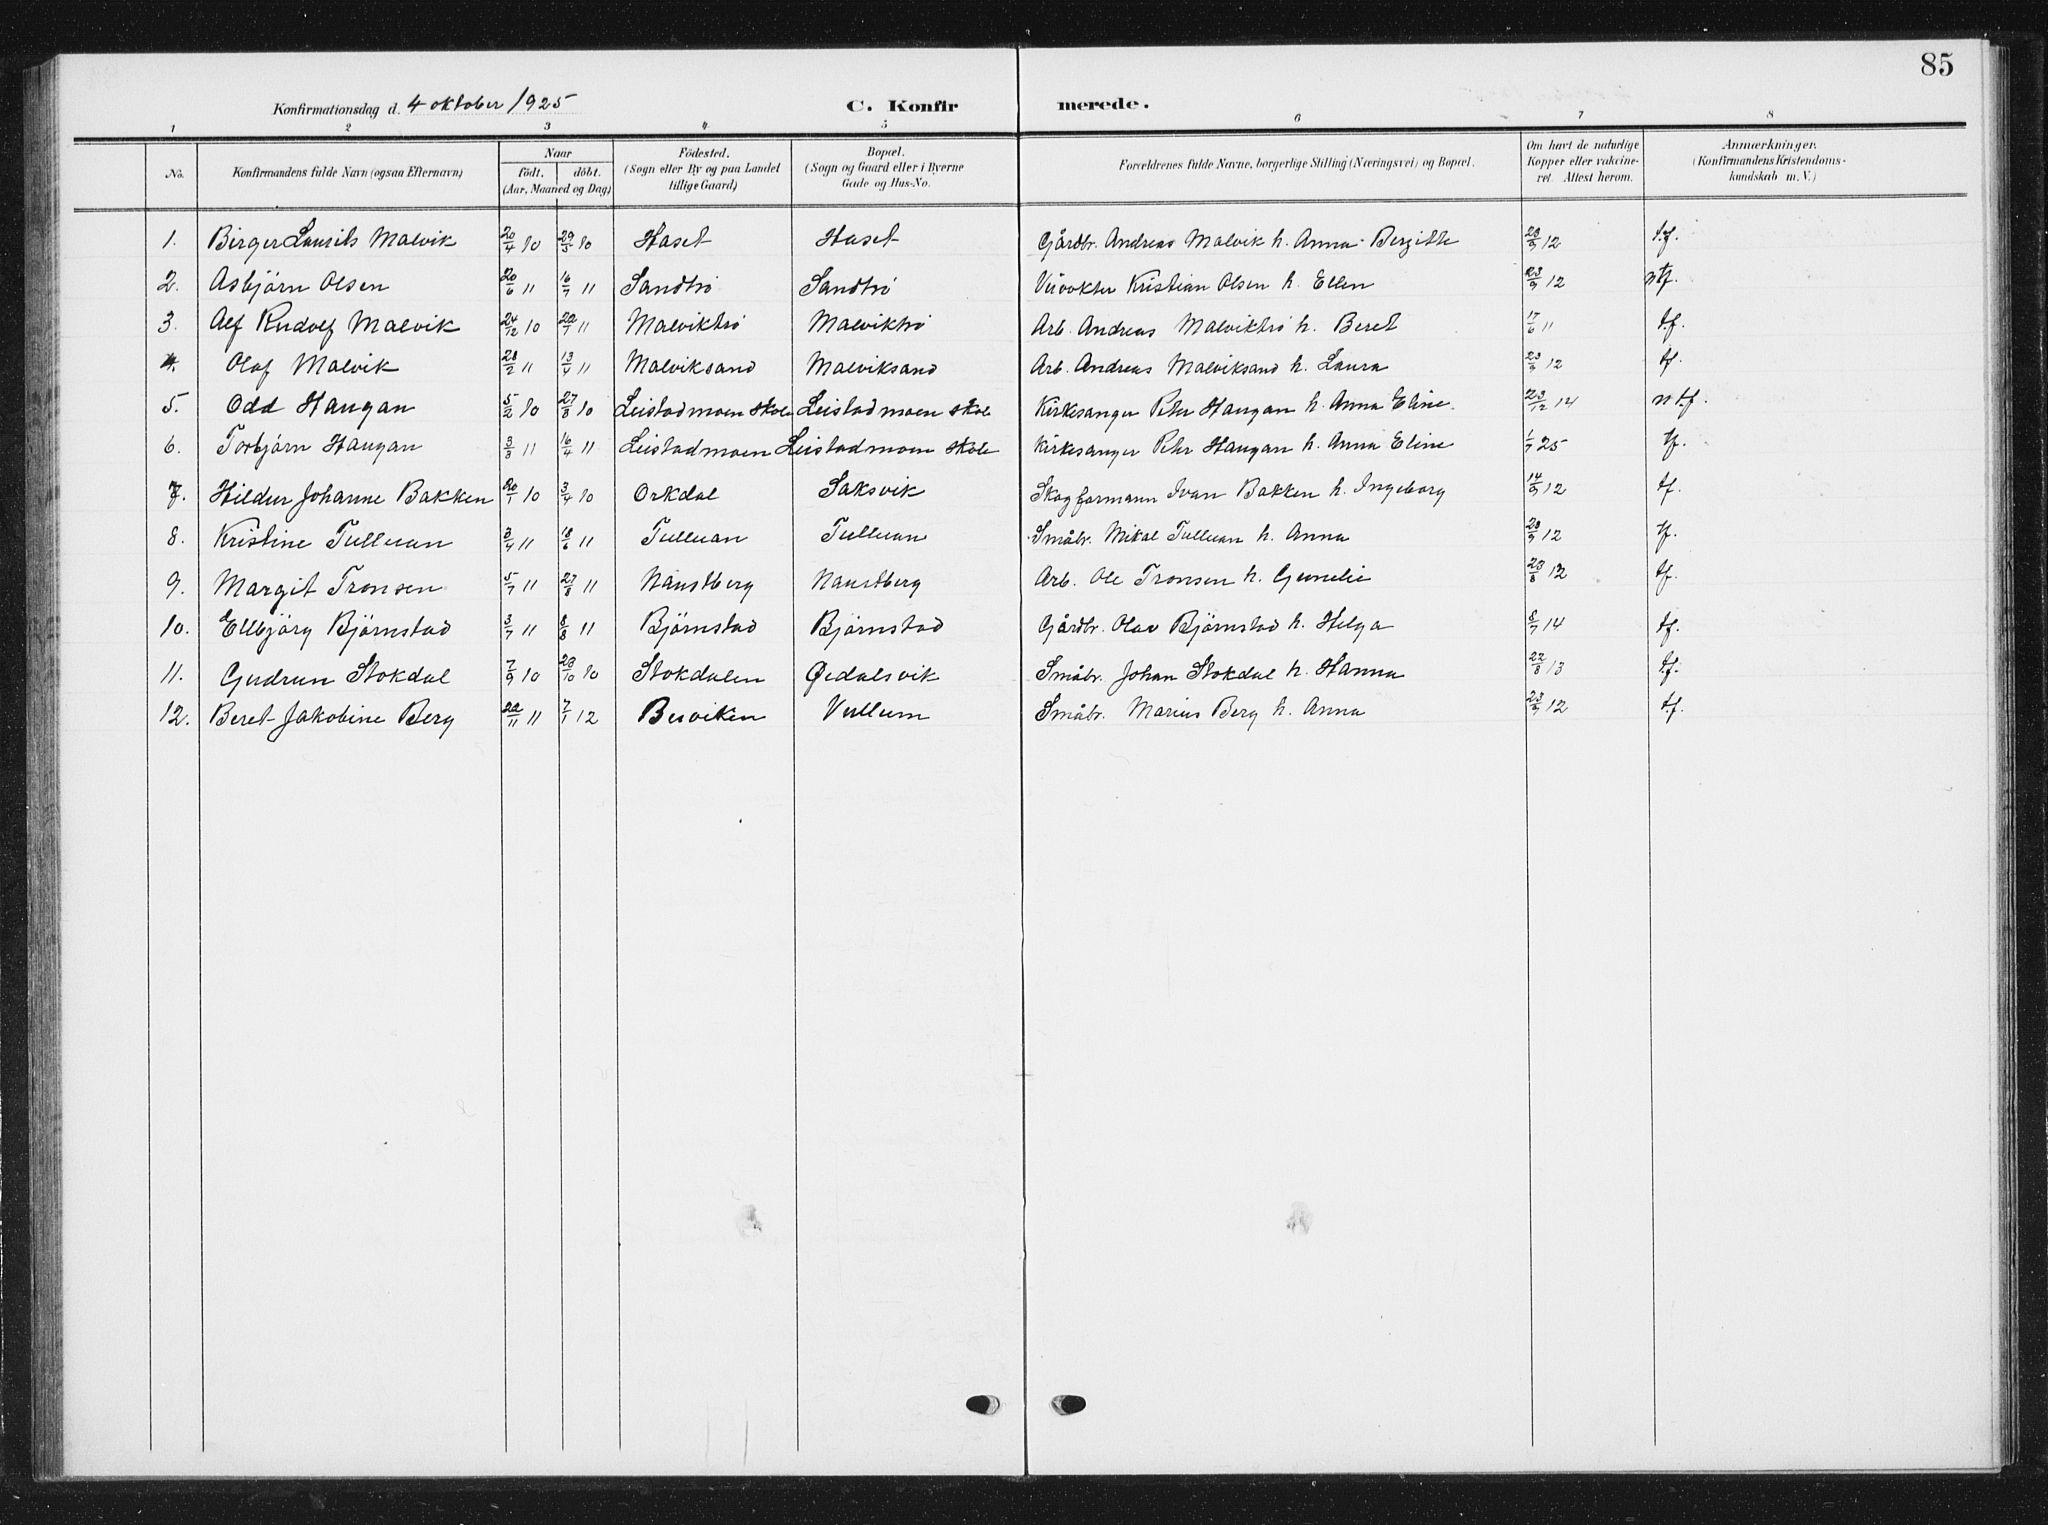 SAT, Ministerialprotokoller, klokkerbøker og fødselsregistre - Sør-Trøndelag, 616/L0424: Klokkerbok nr. 616C07, 1904-1940, s. 85